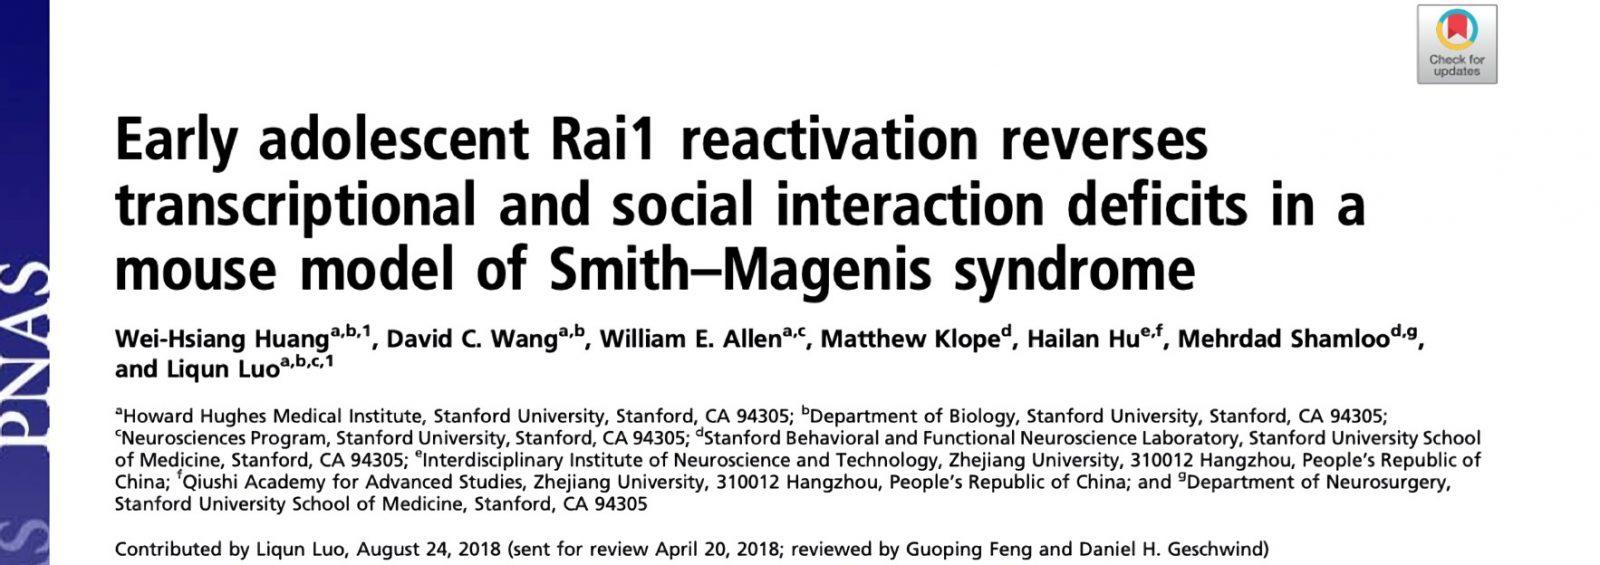 revertir parte de los efectos de RAI1